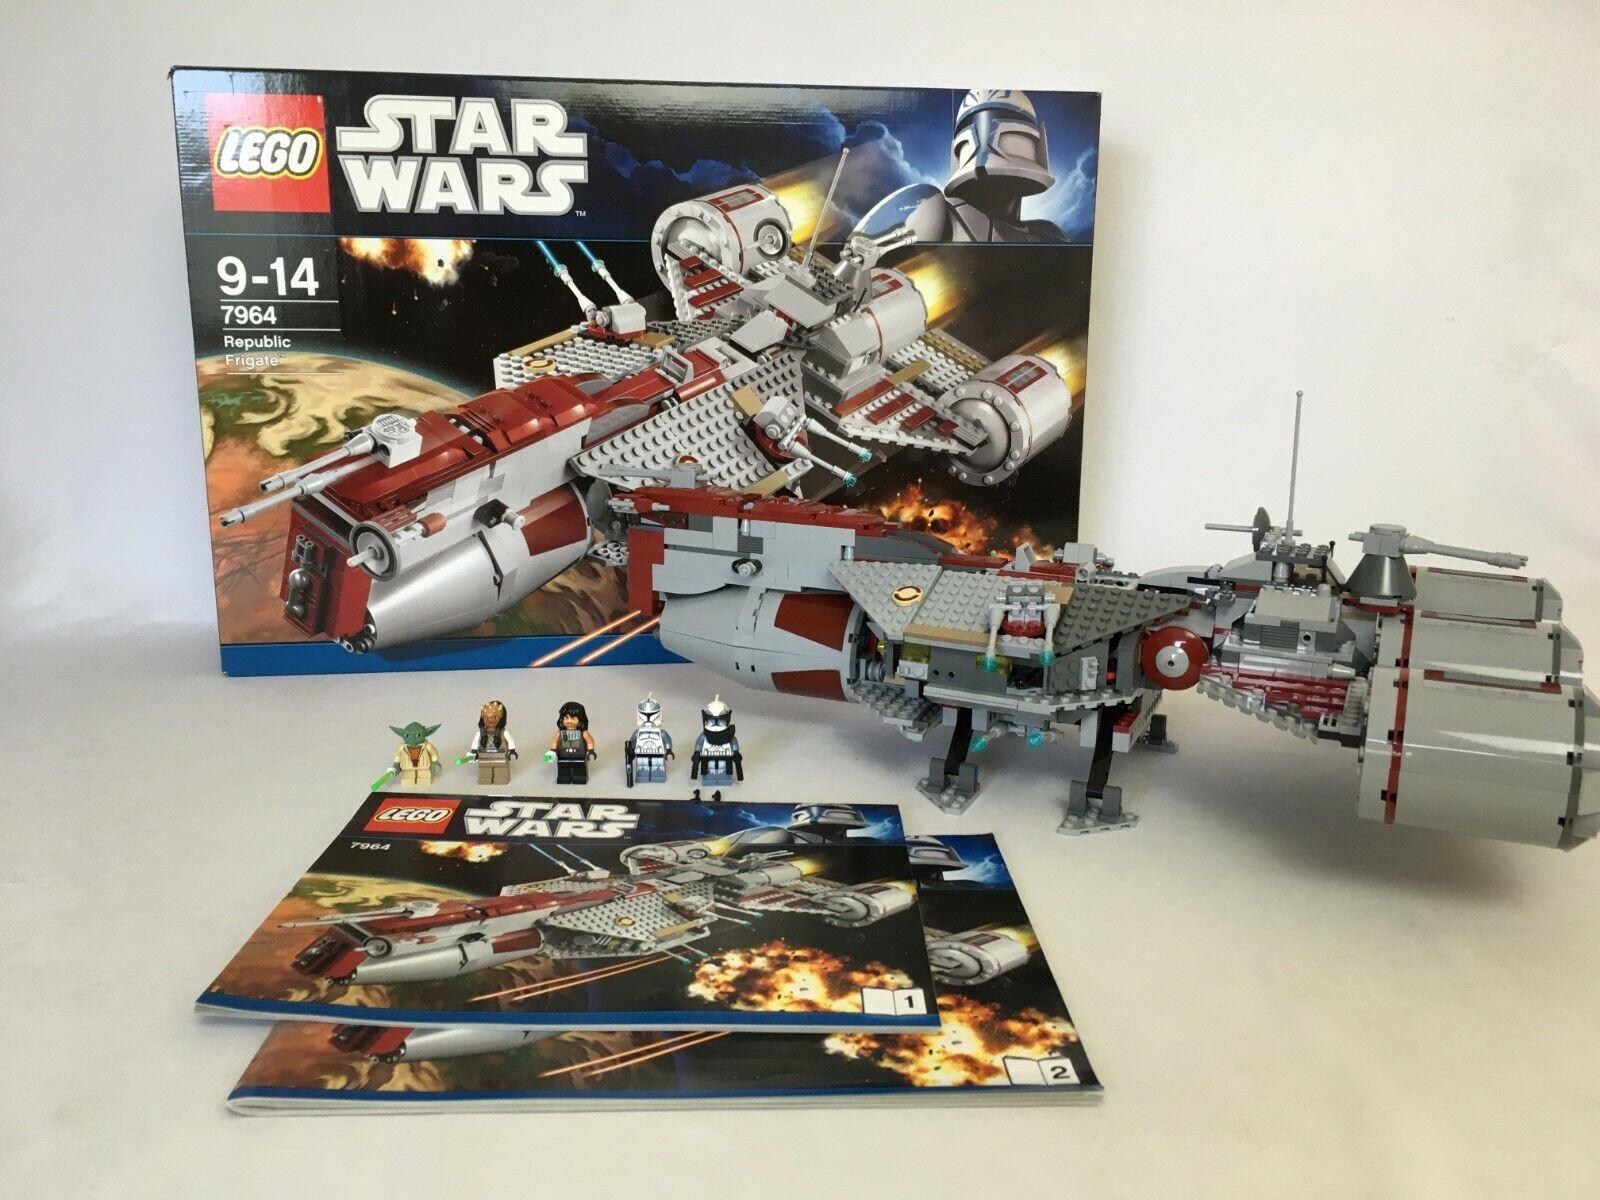 LEGO® Star Wars 7964 Republic Frigatte